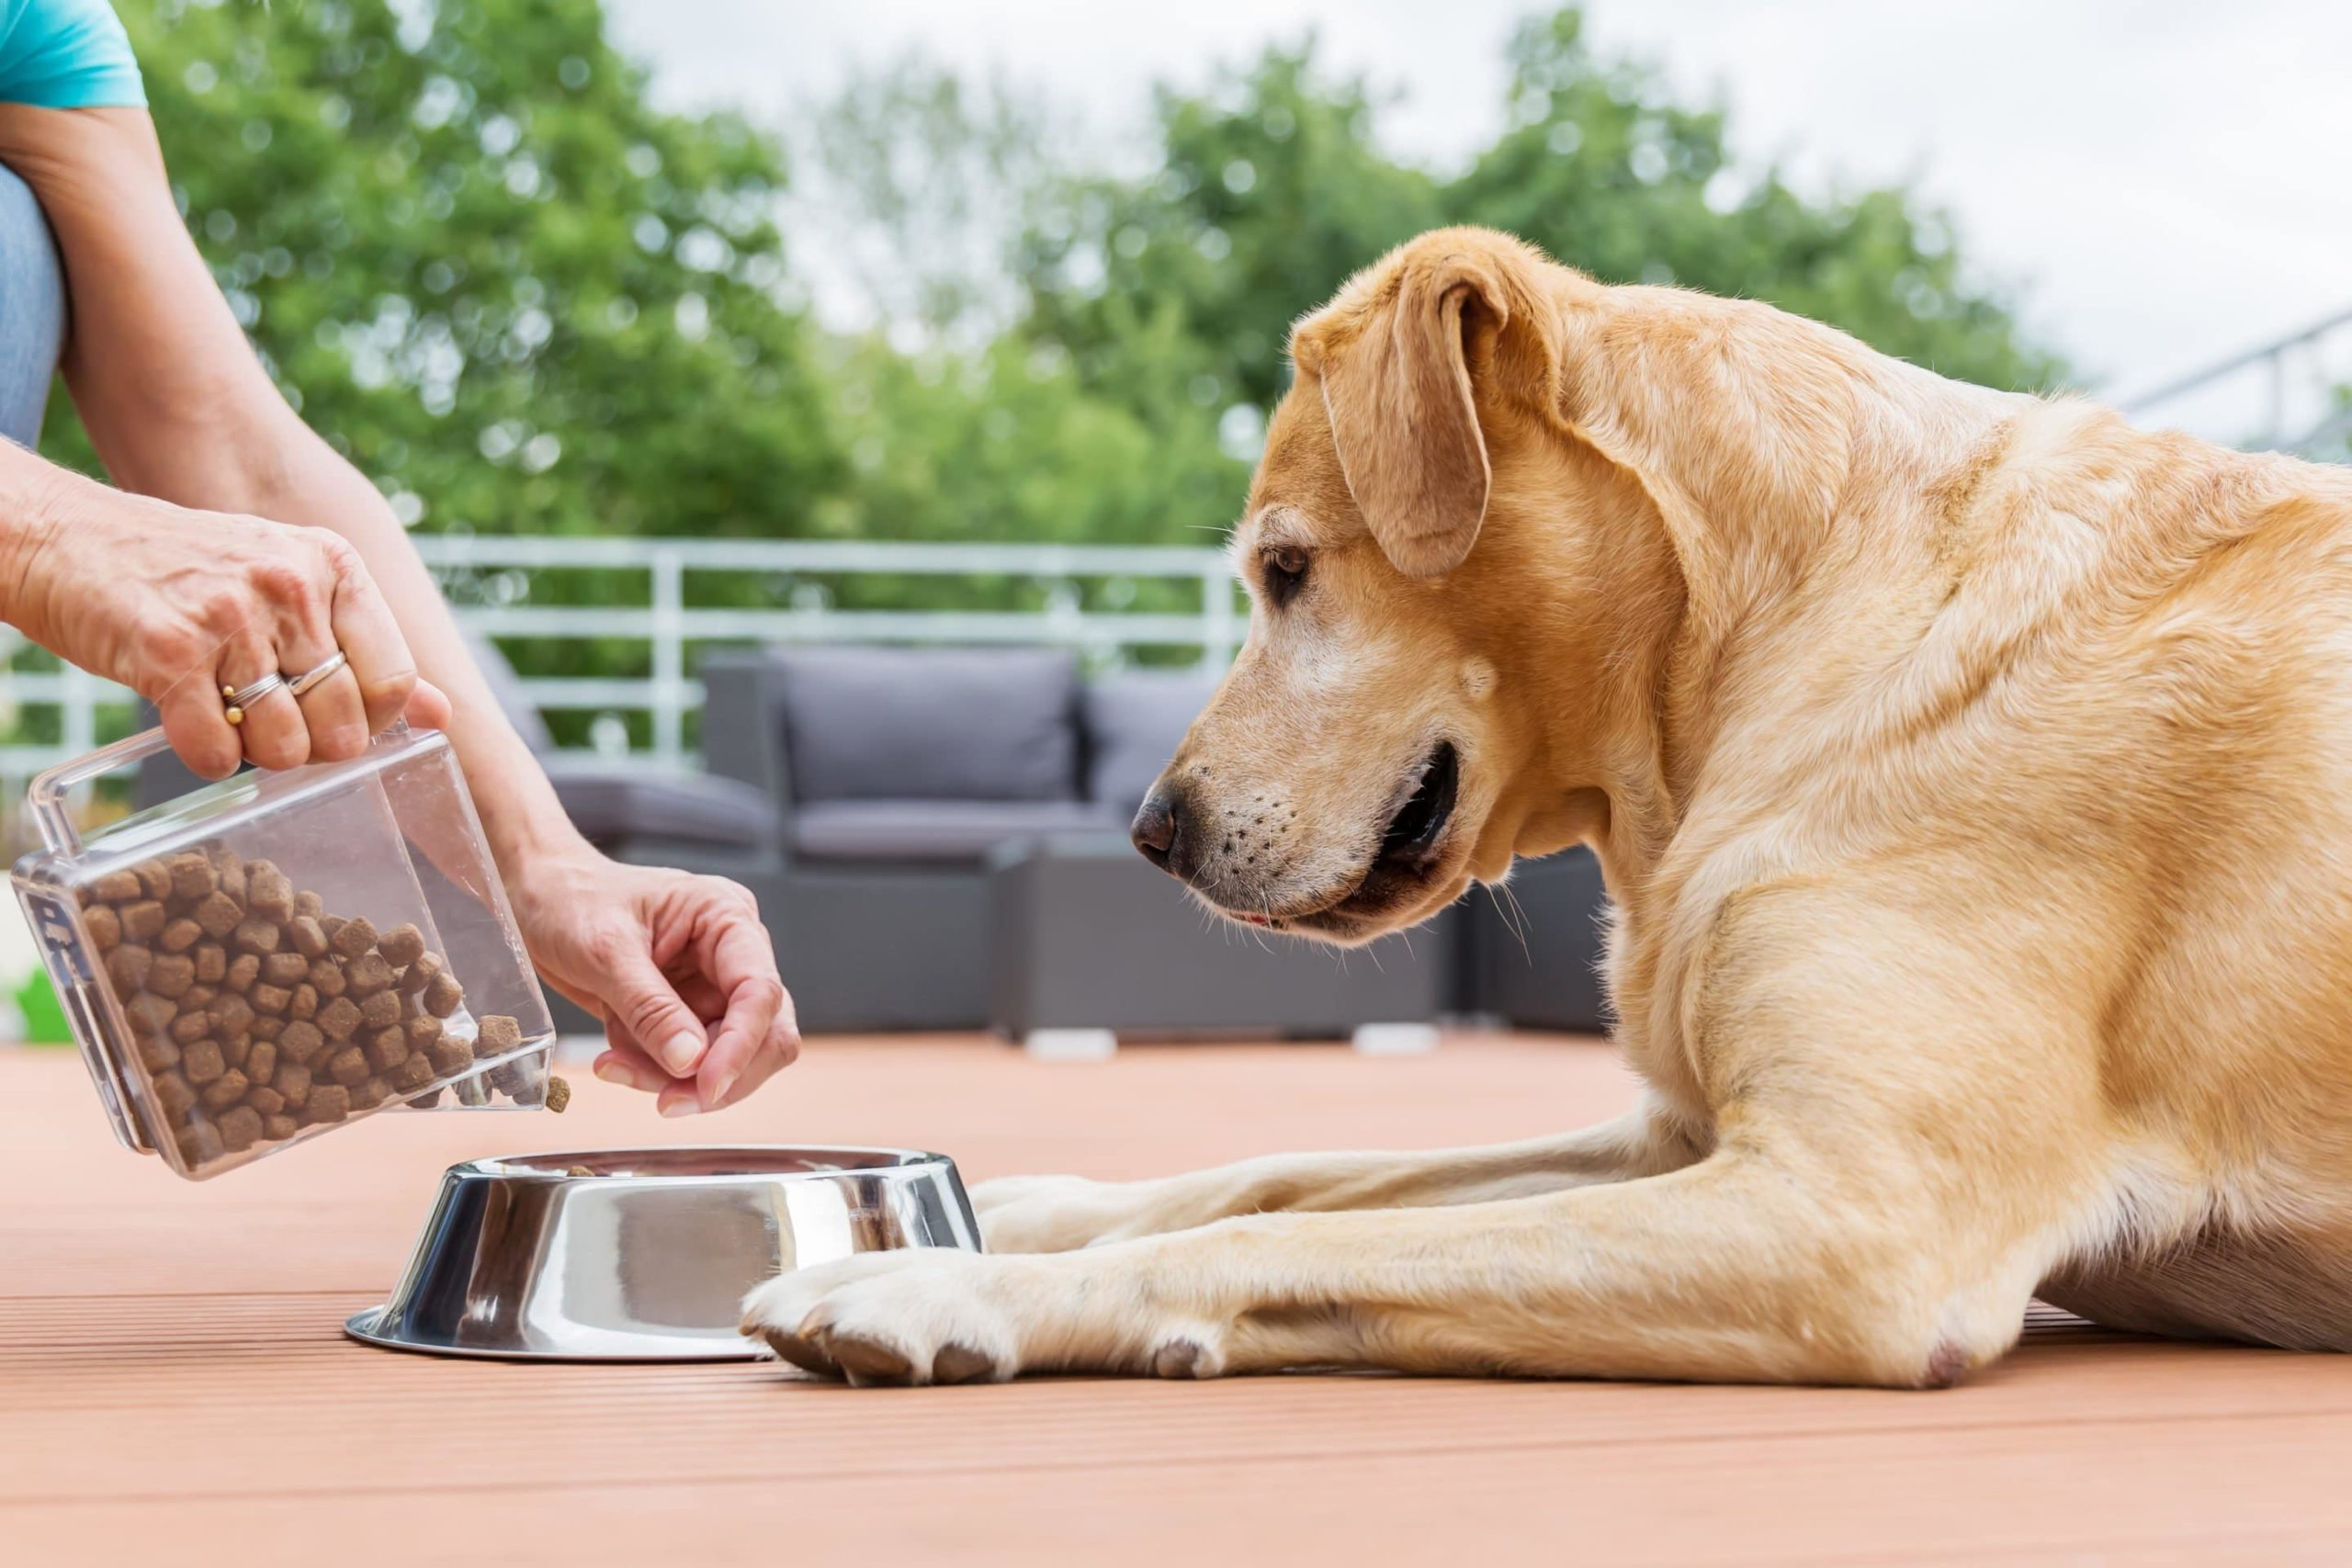 Comment ralentir un chien qui mange trop vite ?